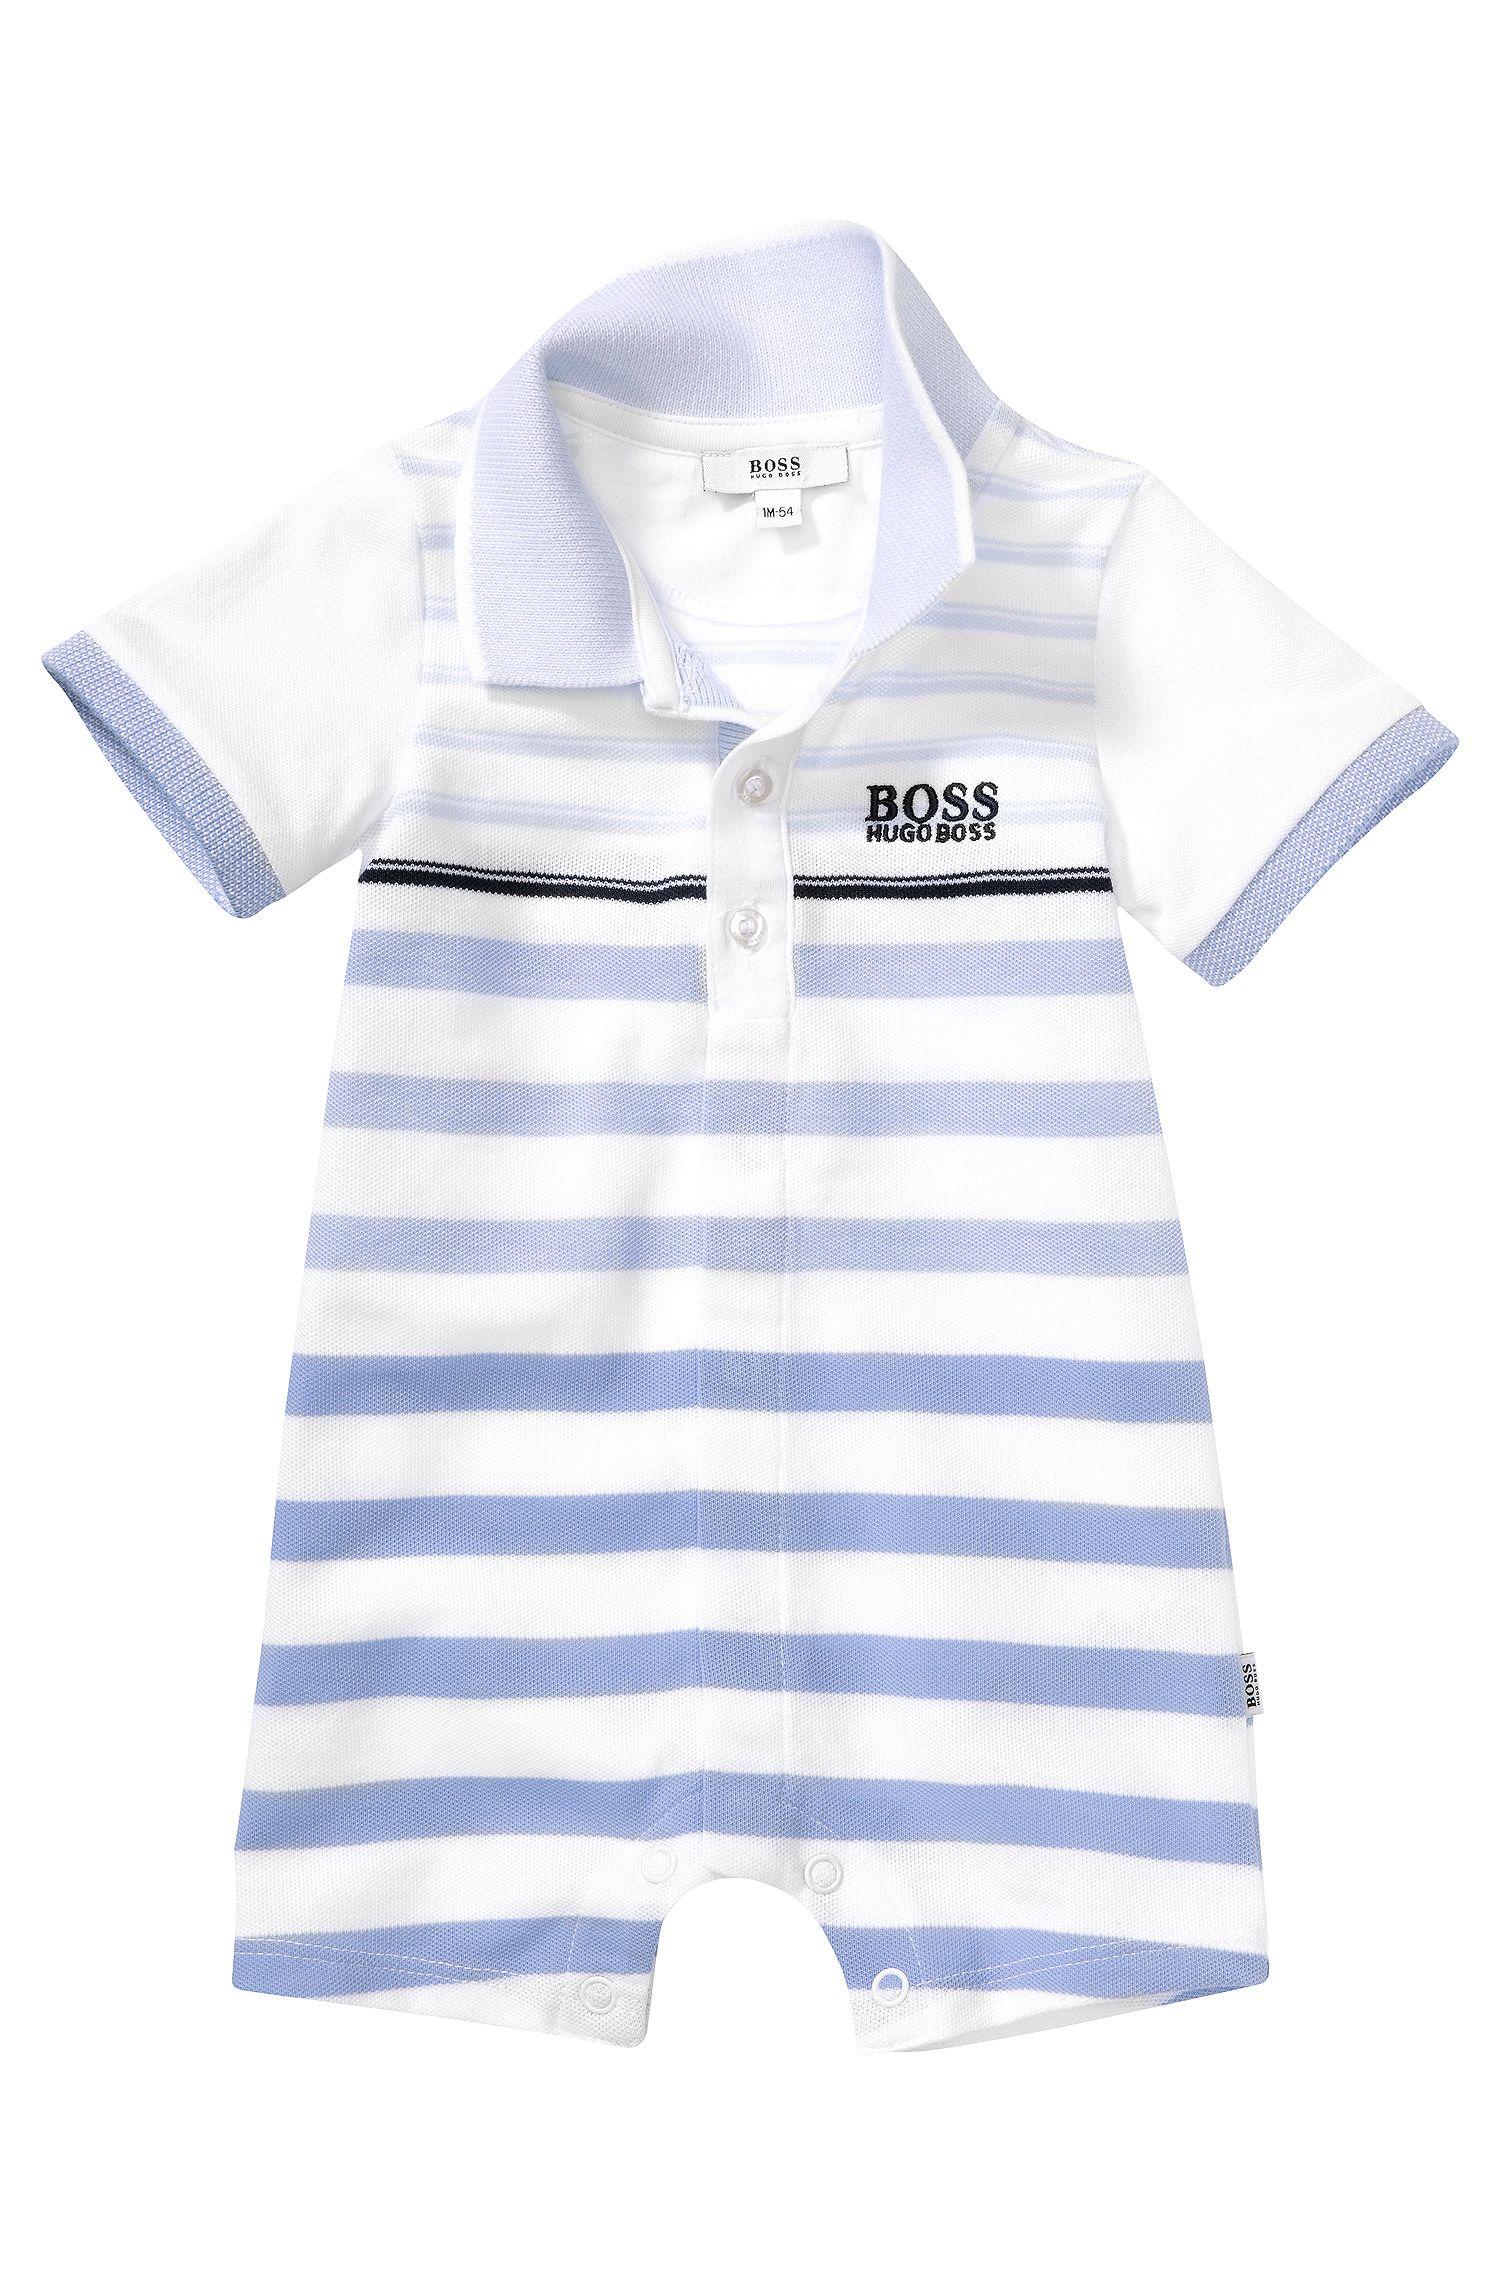 Body pour bébé «J94108» en coton mélangé